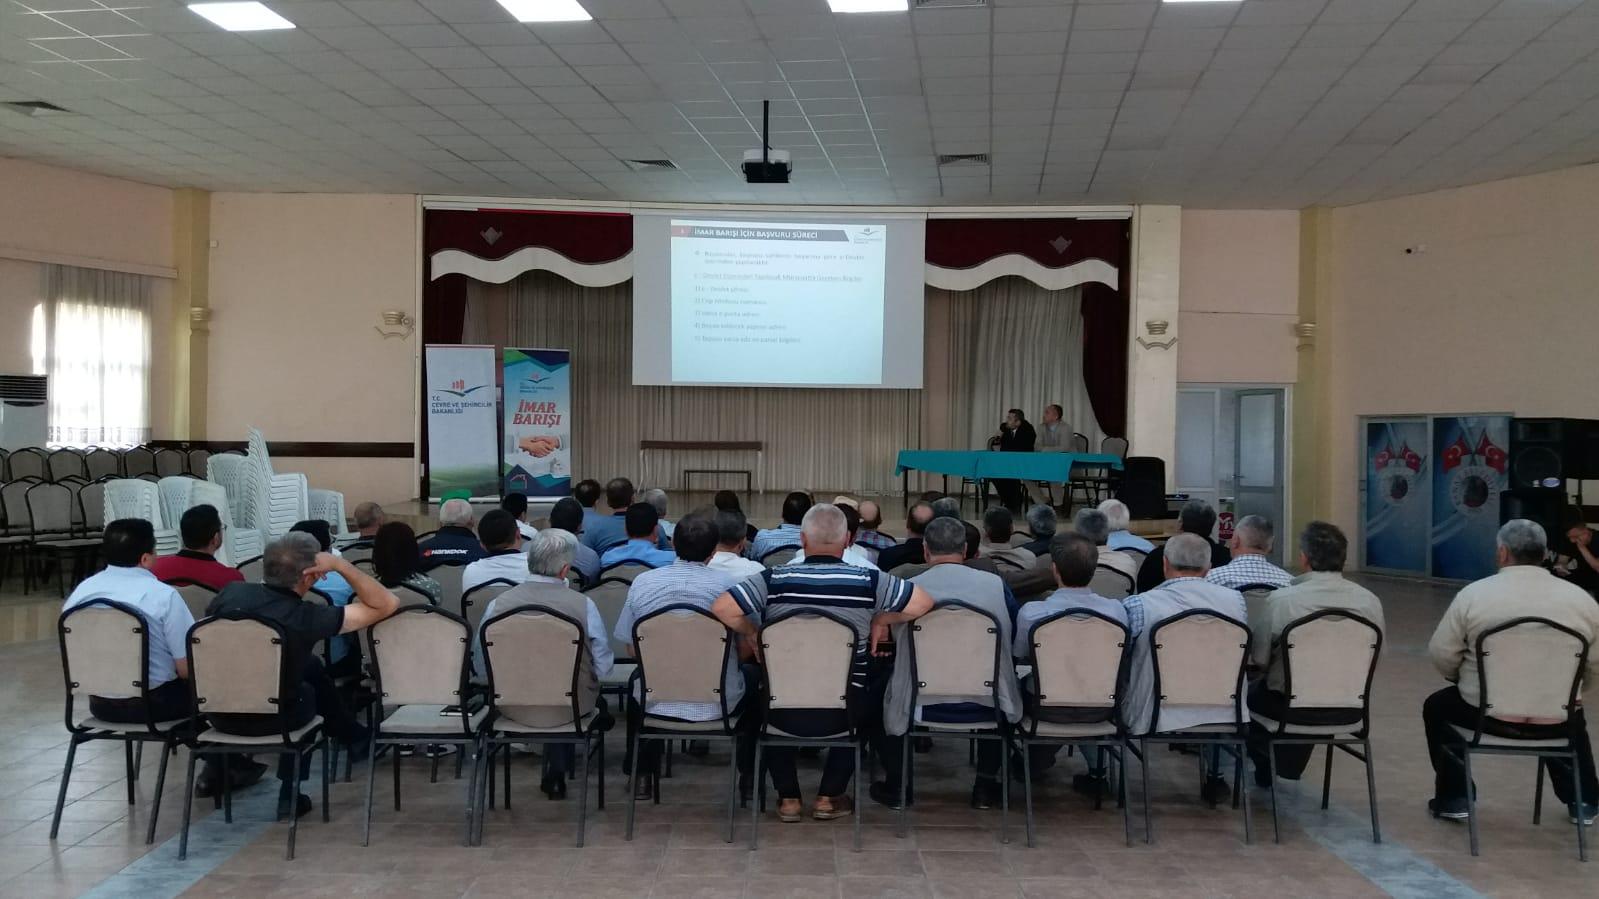 İmar Barışı İle İlgili Bilgilendirme Toplantısı, Banaz İlçemizde, 21 Haziran 2018 Tarihinde Yapıldı.